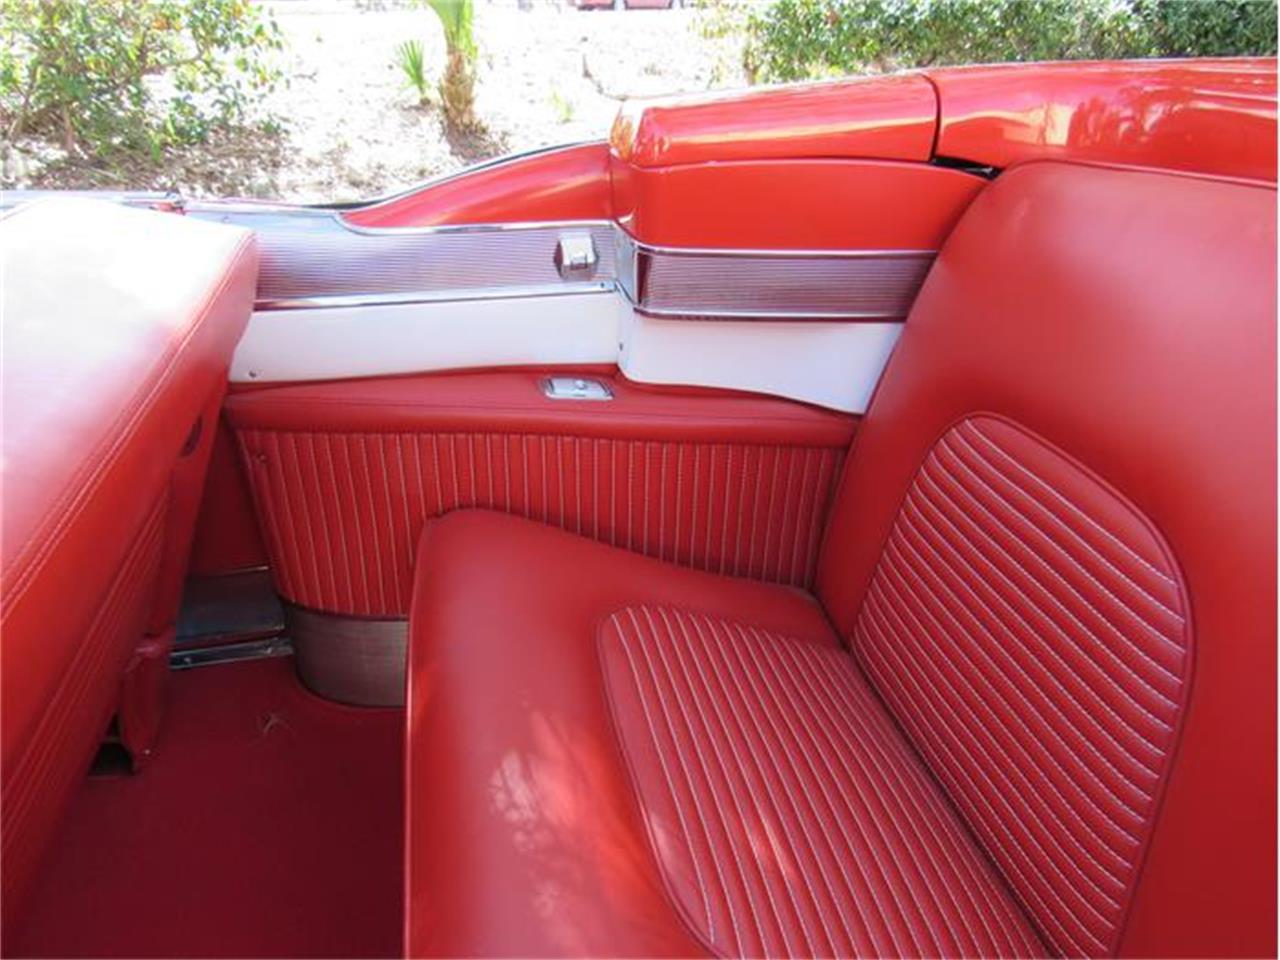 Large Picture of '53 Cadillac Eldorado located in Florida - GJKK